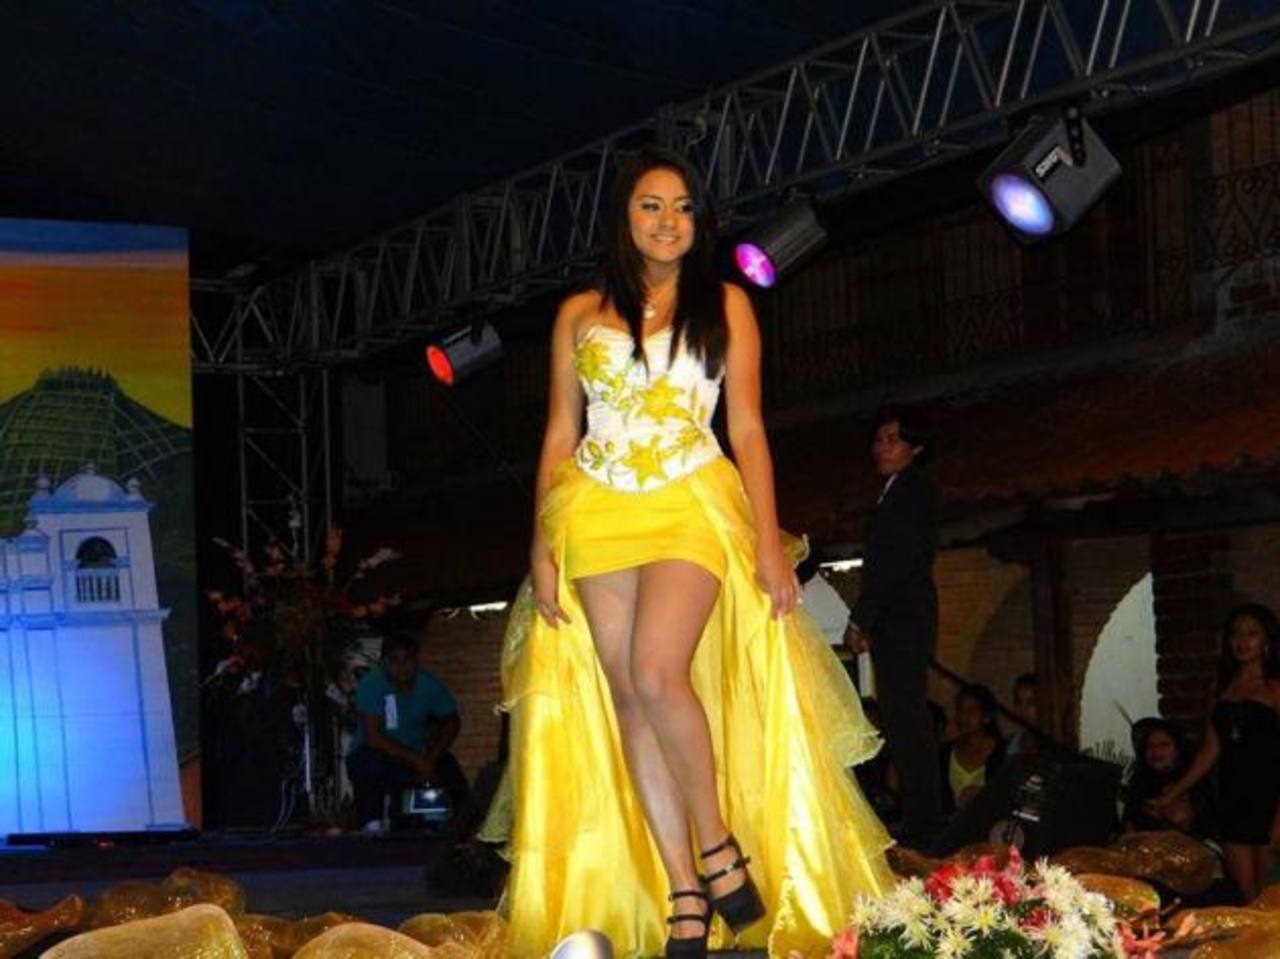 El 29, a las 7:00 de la noche, frente a la alcaldía, es la coronación de la reina, Vanesa López. foto EDH / Roberto Díaz Zambrano